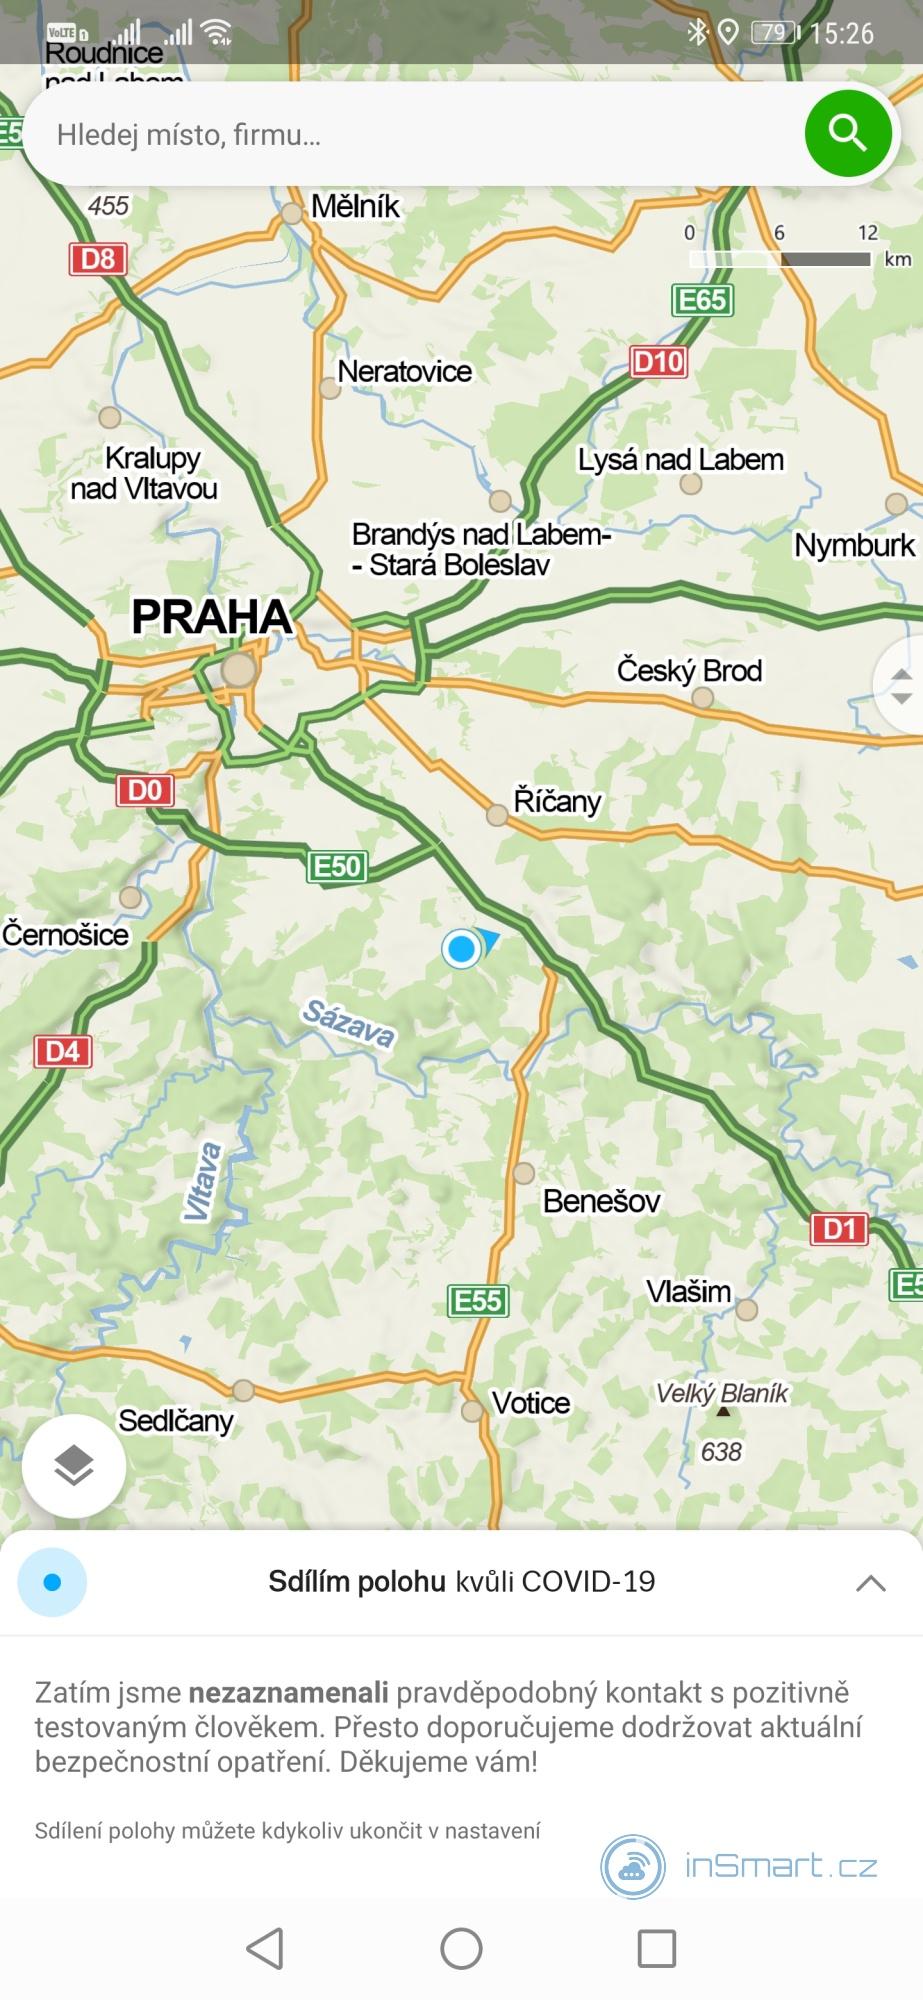 Obrázek: Mapy.cz upozorní, jestli jste přišli do styku s nakaženým koronavirem